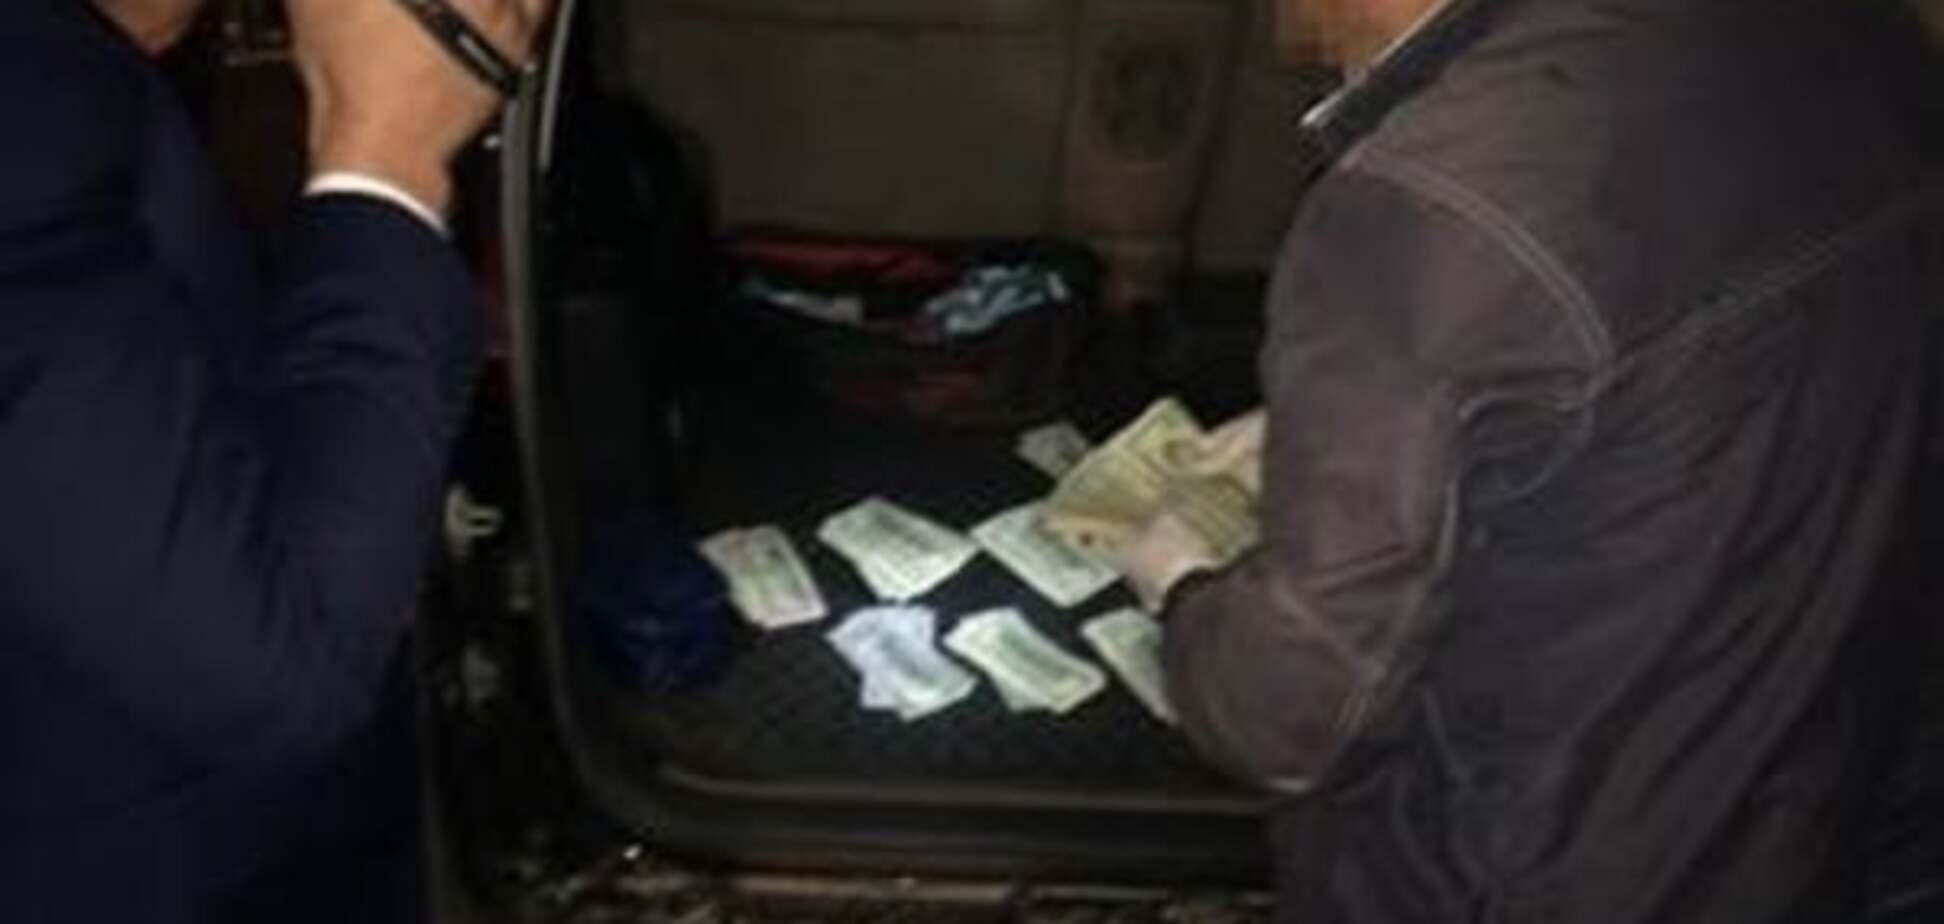 СБУ затримала на хабарі в 300 тисяч прикордонника з Миколаєва